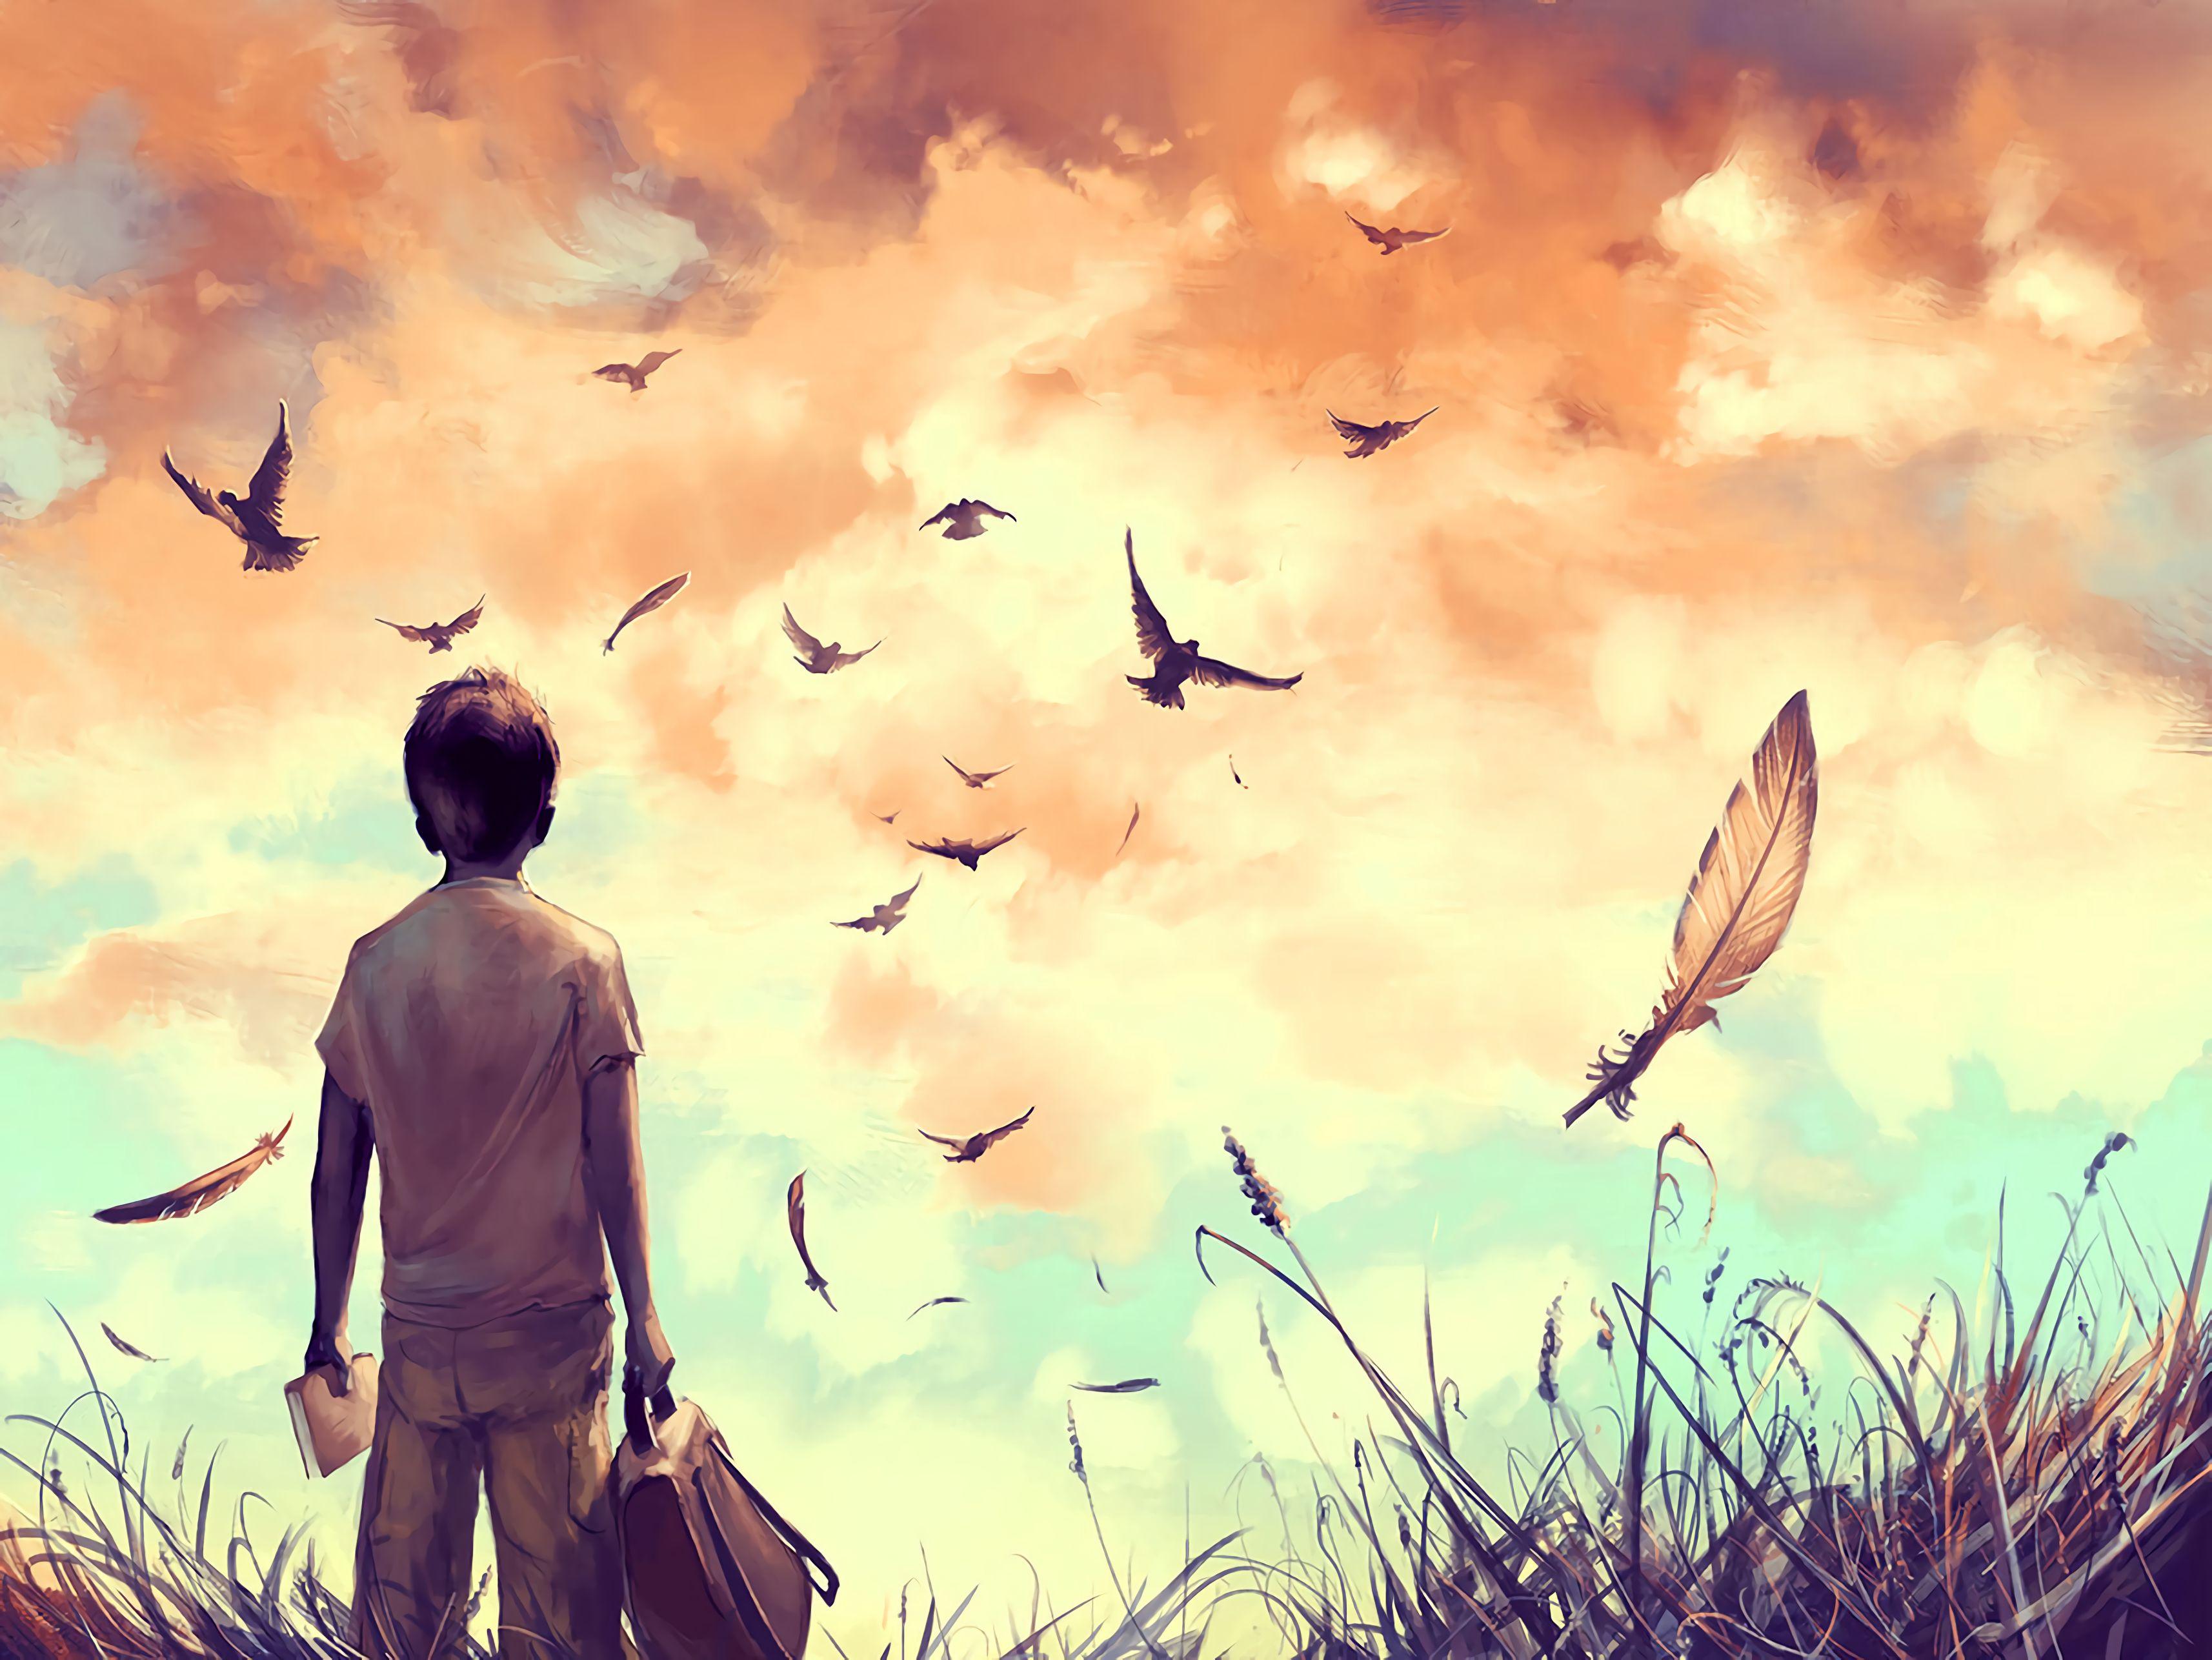 123619 Hintergrundbild herunterladen Vögel, Kunst, Privatsphäre, Abgeschiedenheit, Einsamkeit, Kerl - Bildschirmschoner und Bilder kostenlos